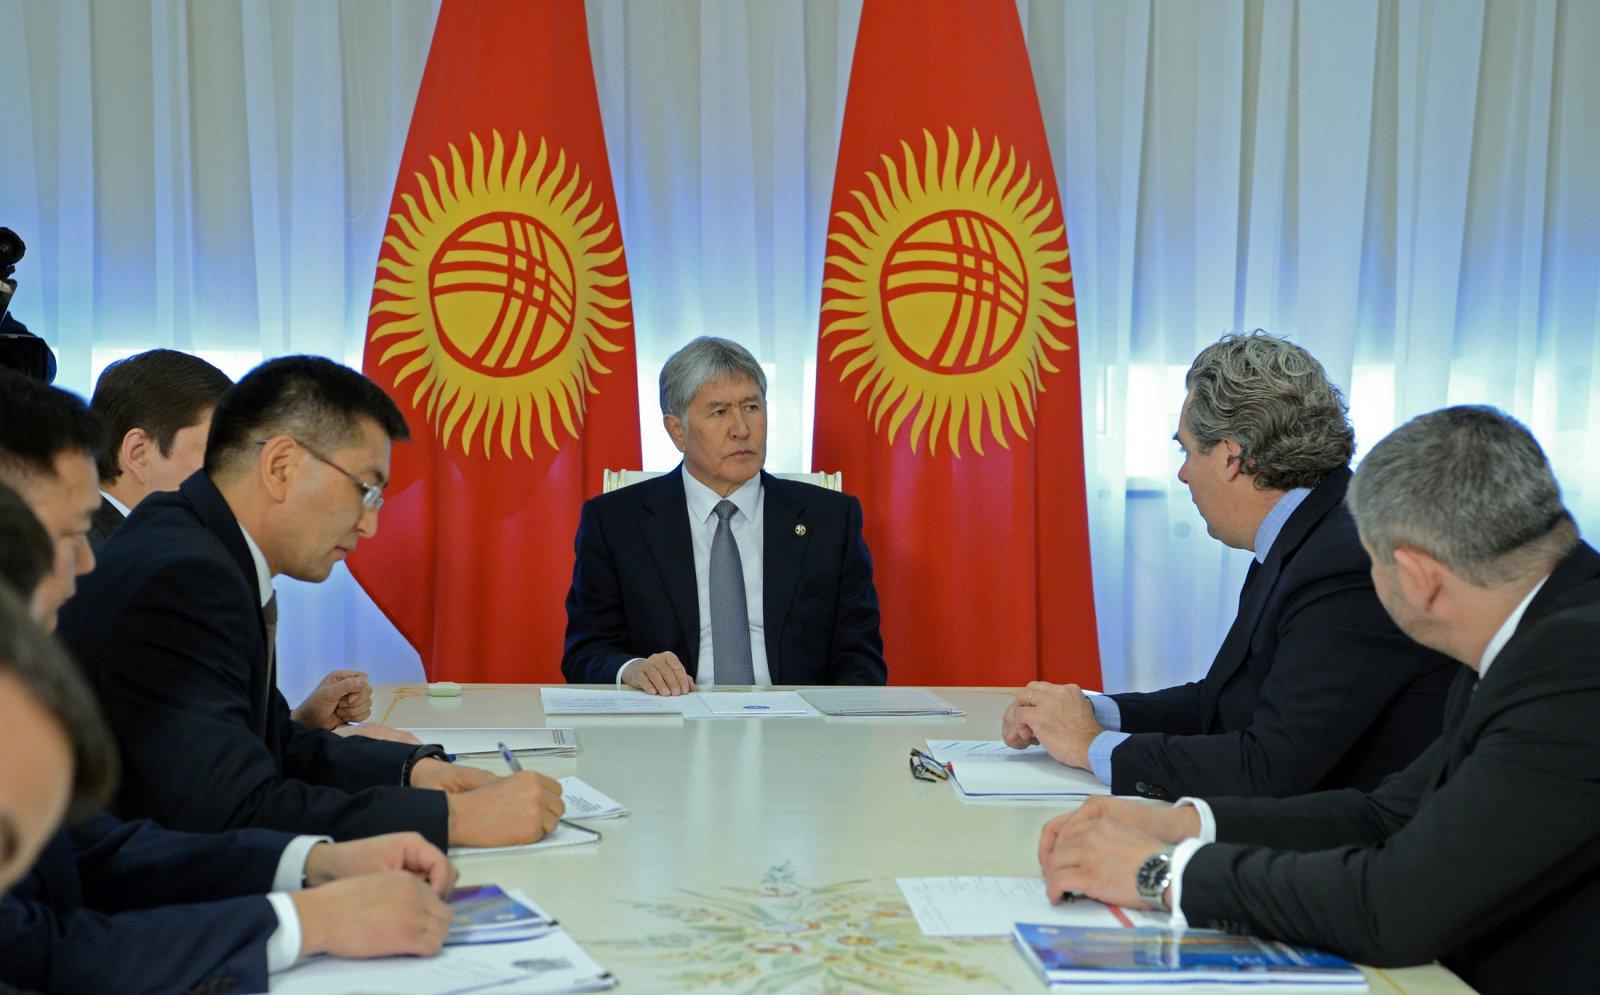 Алмазбек Атамбаев на встрече с вице-президентом корпорации General Electric, 18 января 2017 года (если верить пресс-службе президента)